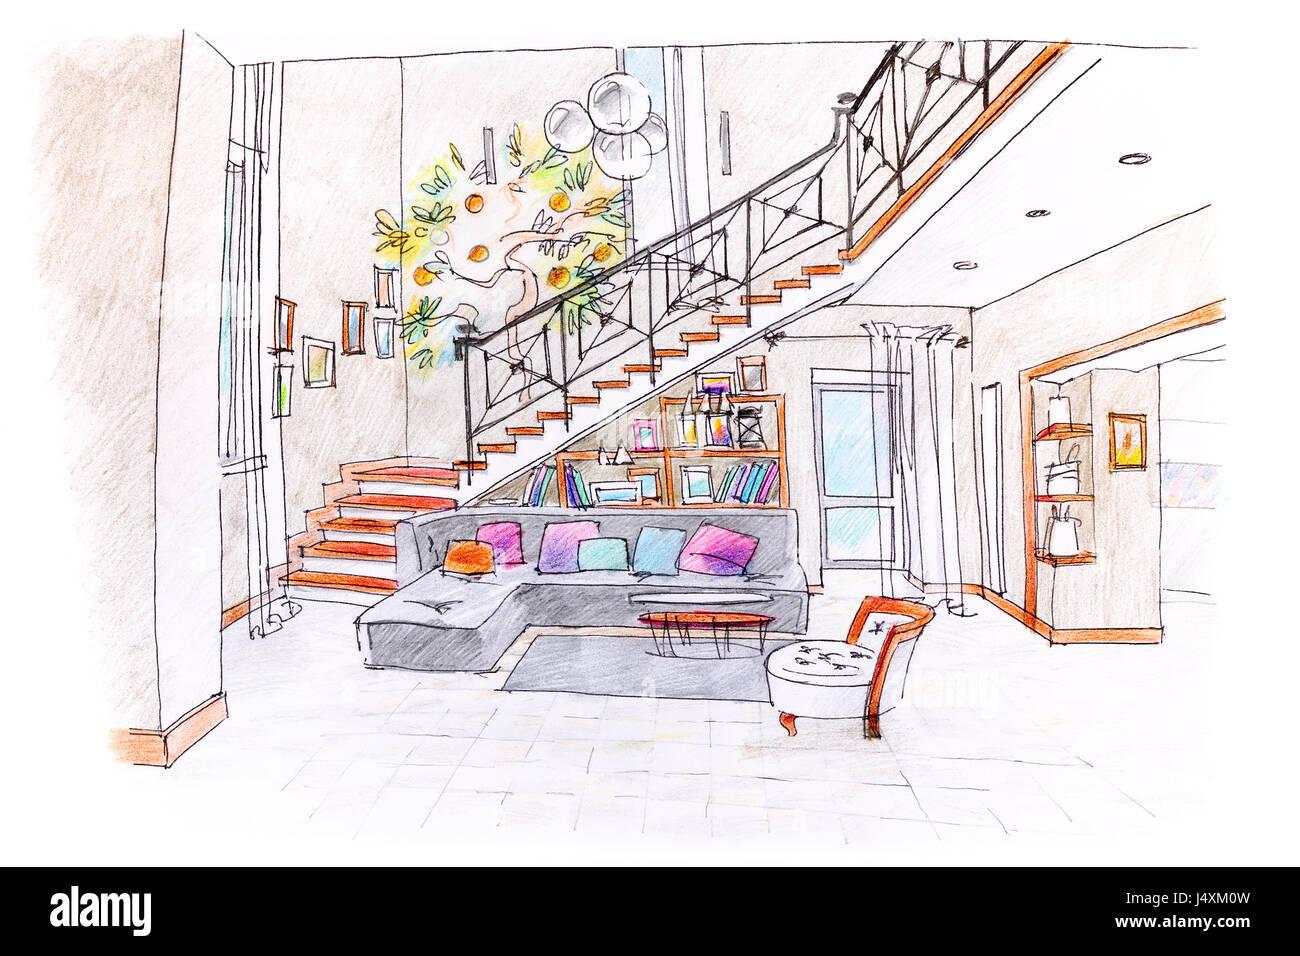 Dessin à La Main De Couleur De Cette Chambre Moderne Design. Plan De Salle  De Séjour Avec Des Meubles.